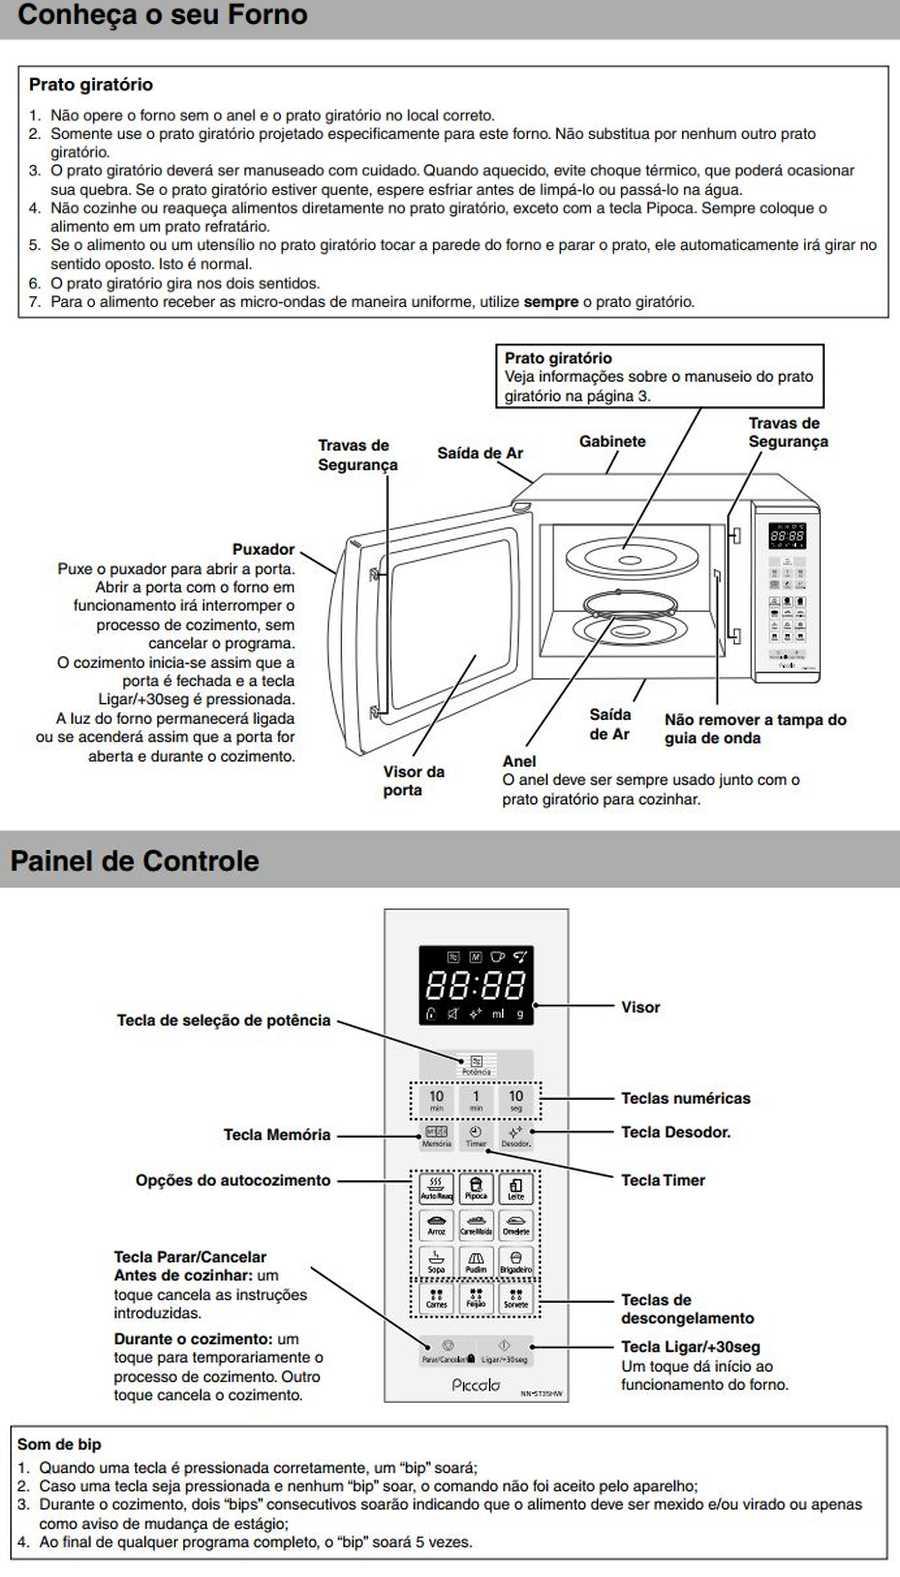 Manual de instruções do microondas Panasonic NN-ST35H - Conheça seu forno